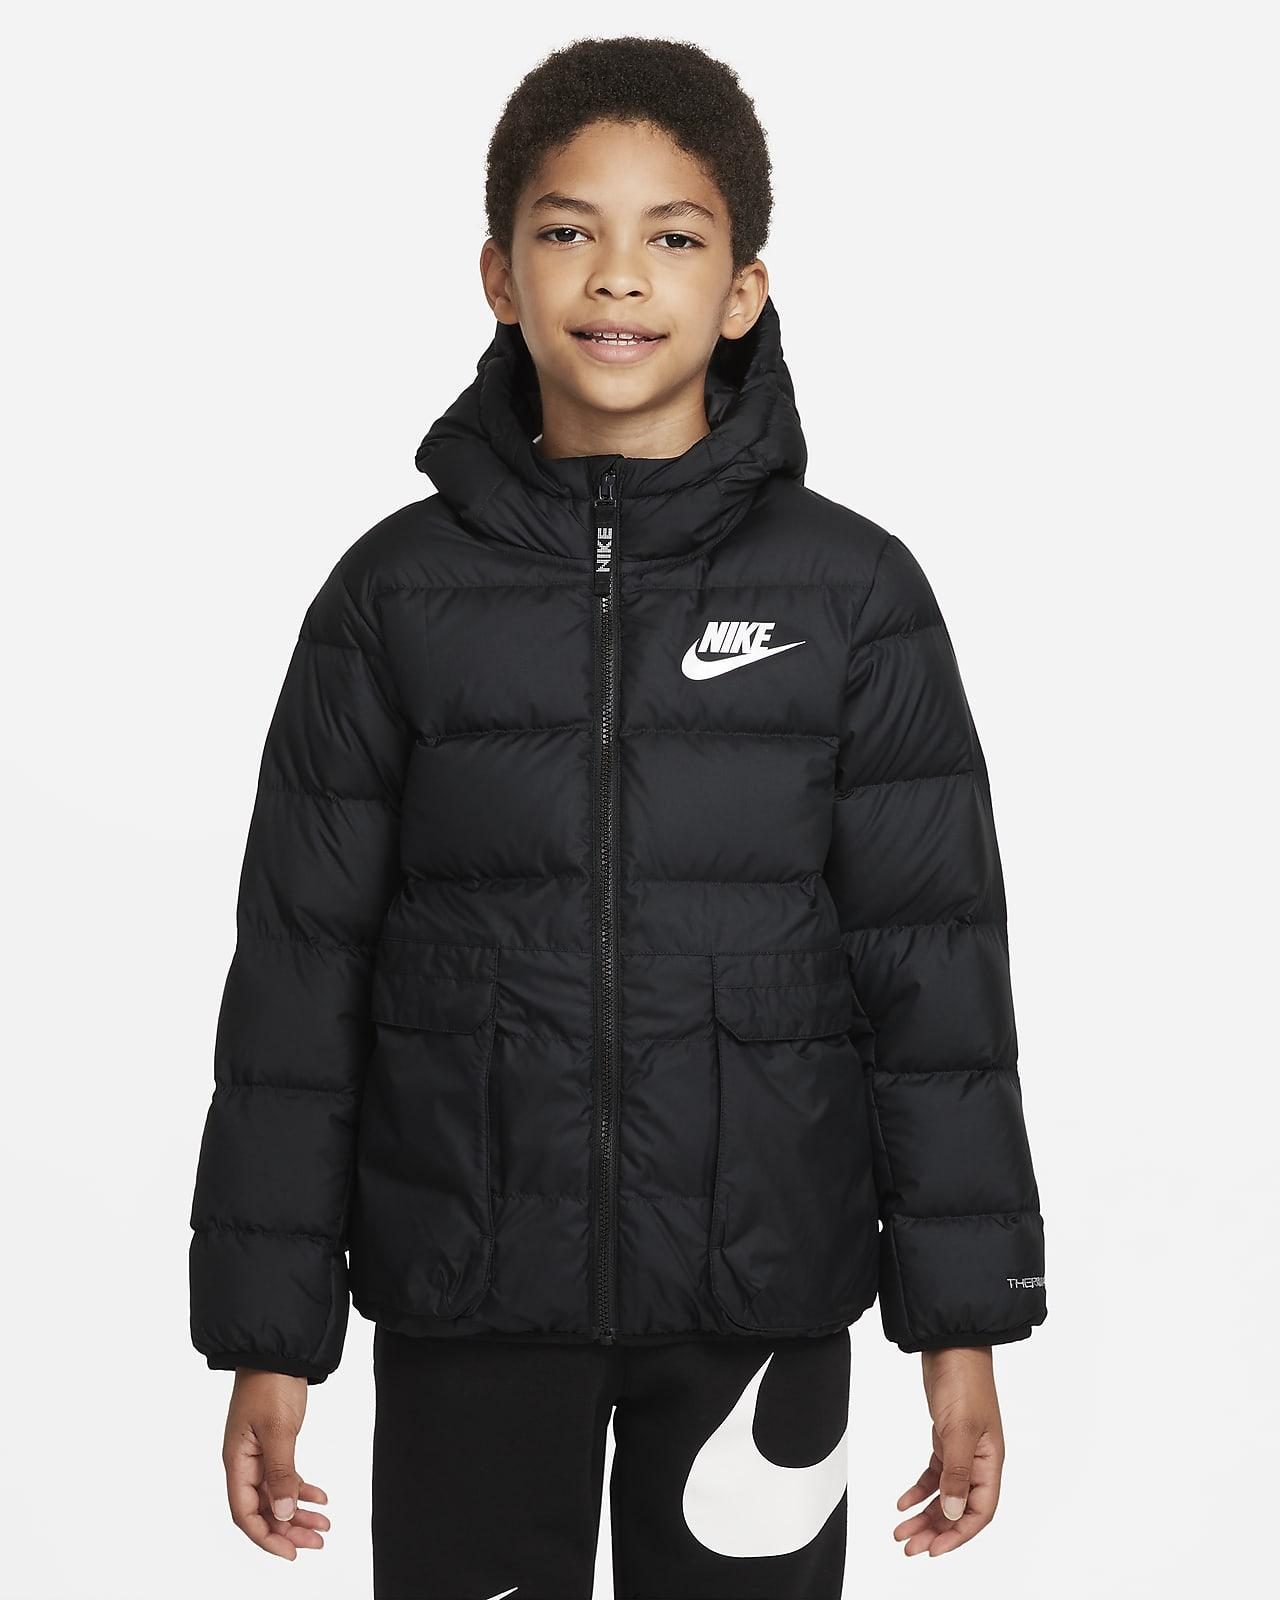 Nike Sportswear Therma-FIT Big Kids' Down-Fill Jacket